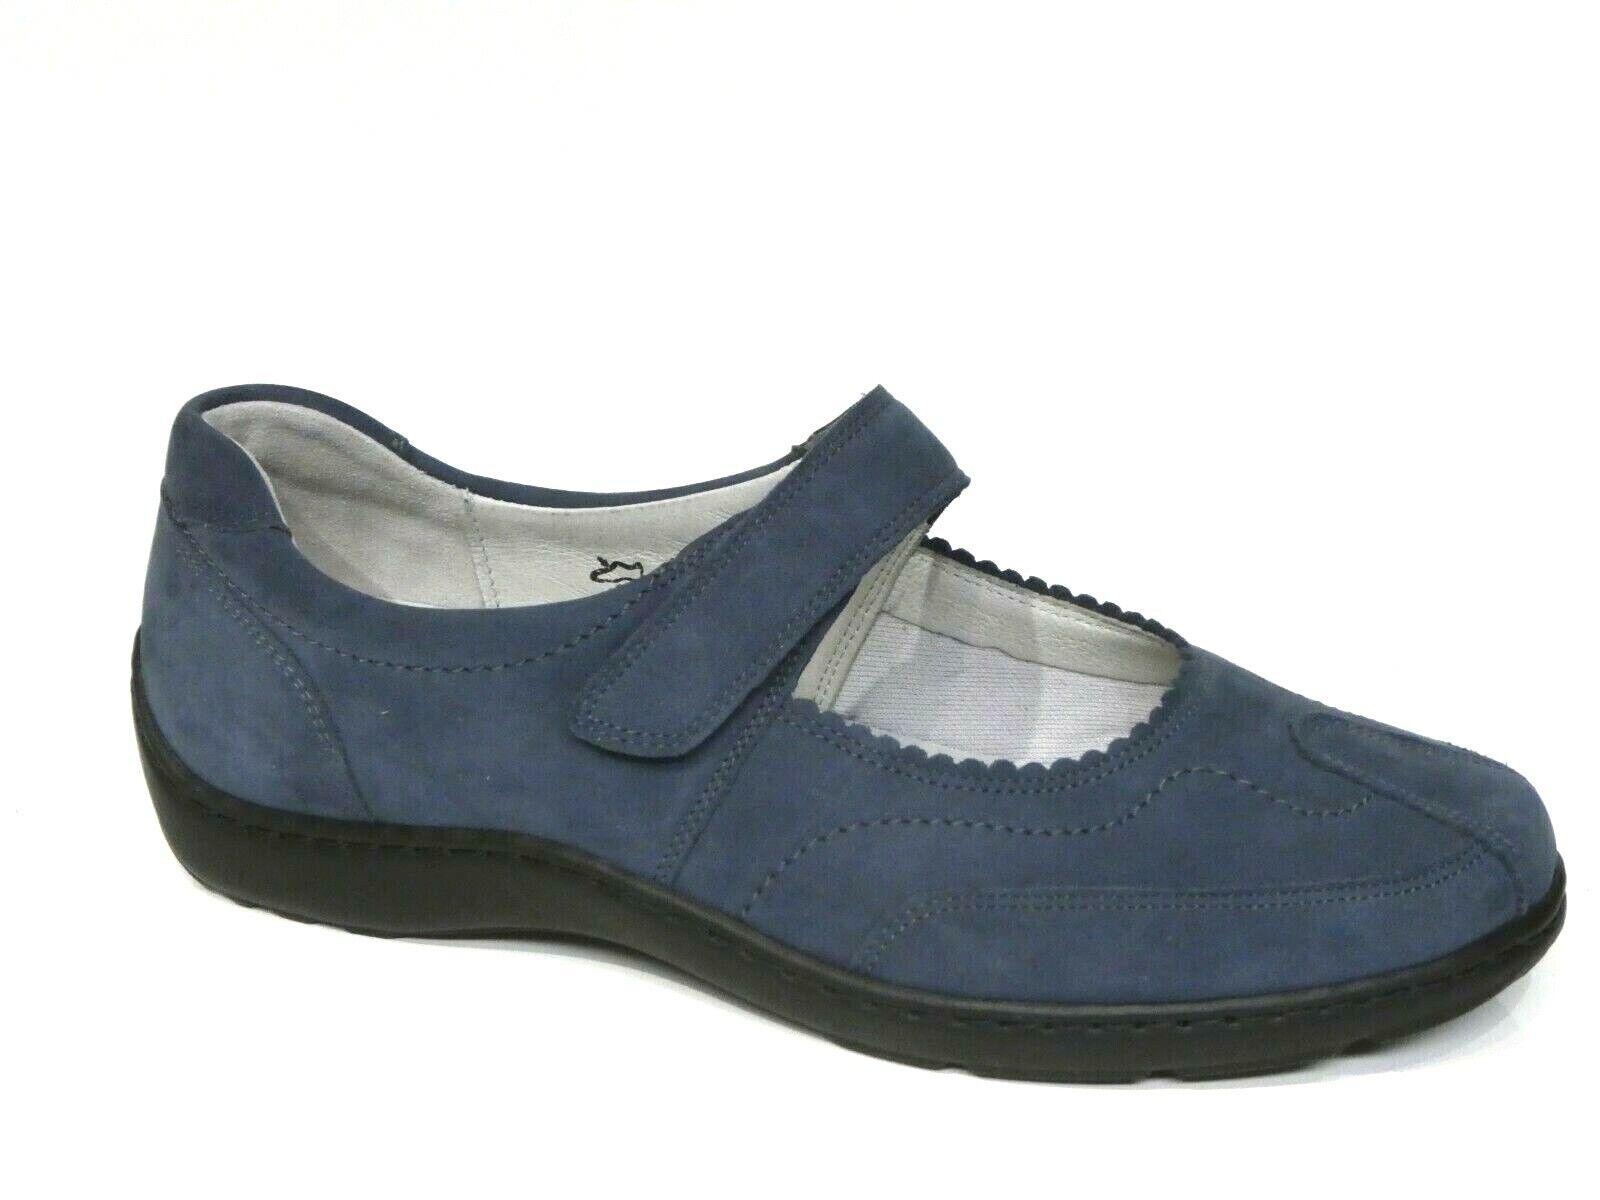 Waldläufer Schuhe Henni Slipper Ballerina blau jeans Leder Einlagen 496302